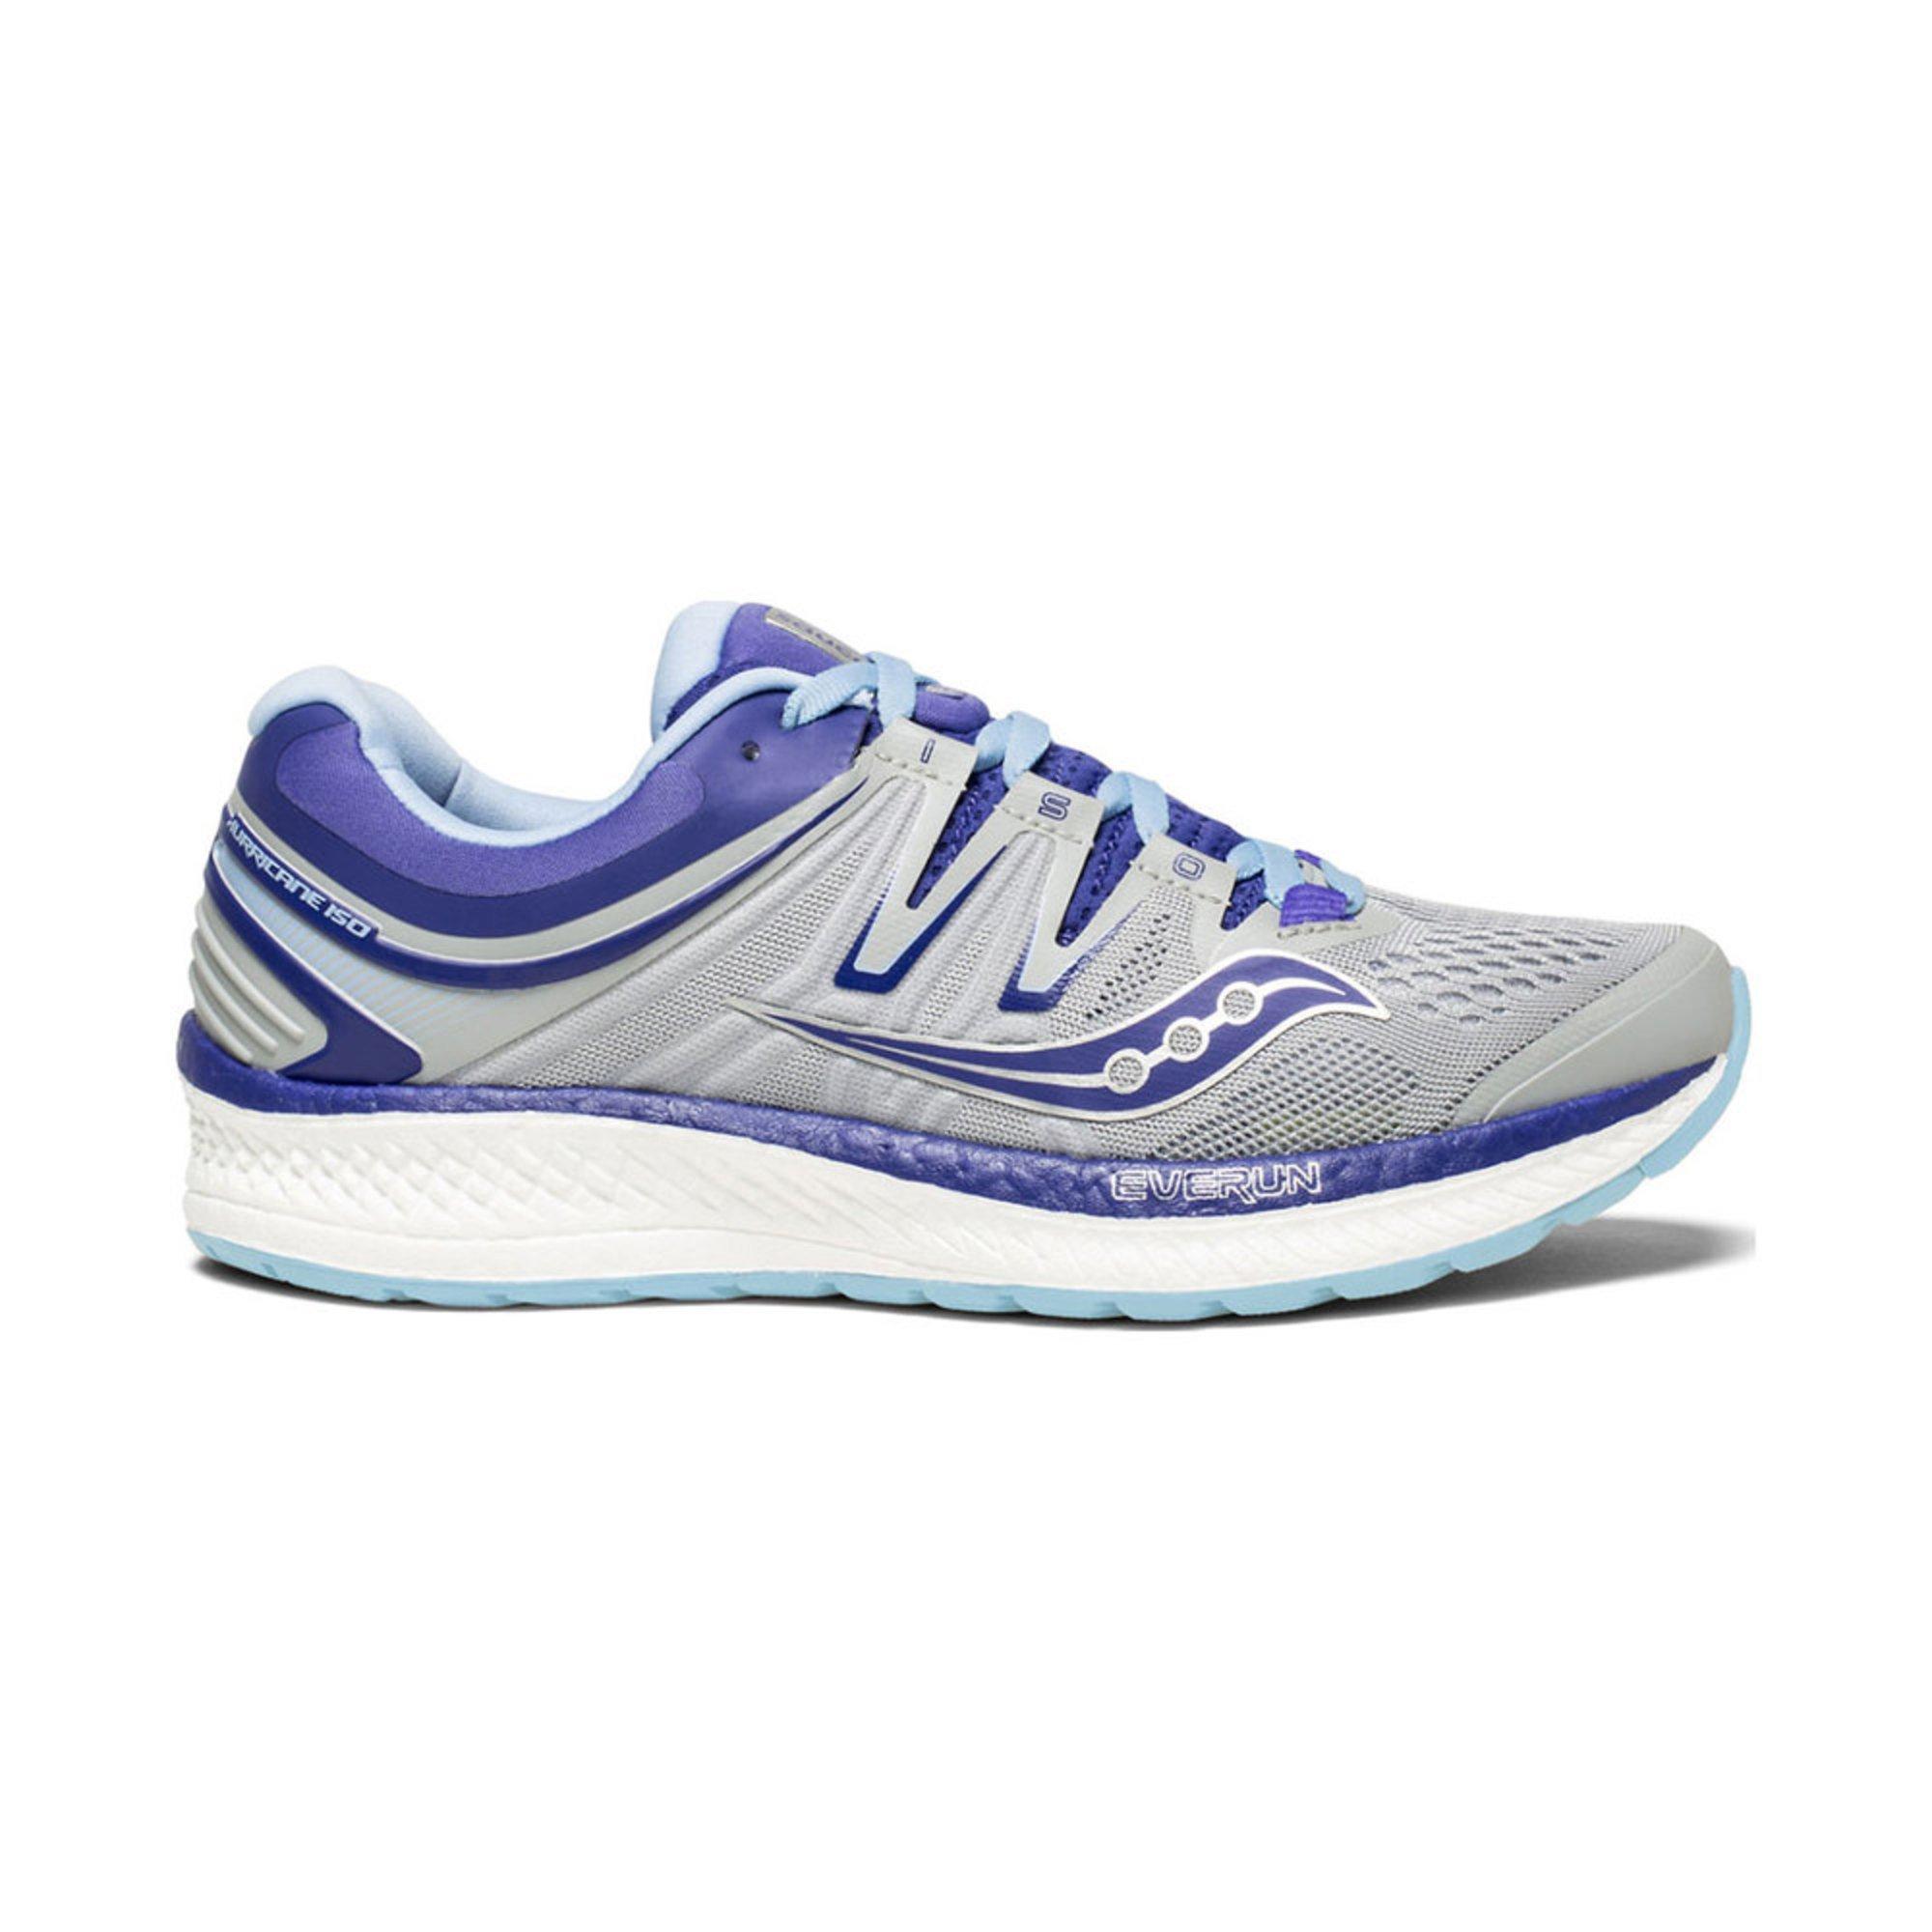 bc0901ed66c7 Saucony Women s Iso Hurricane 4 Running Shoe